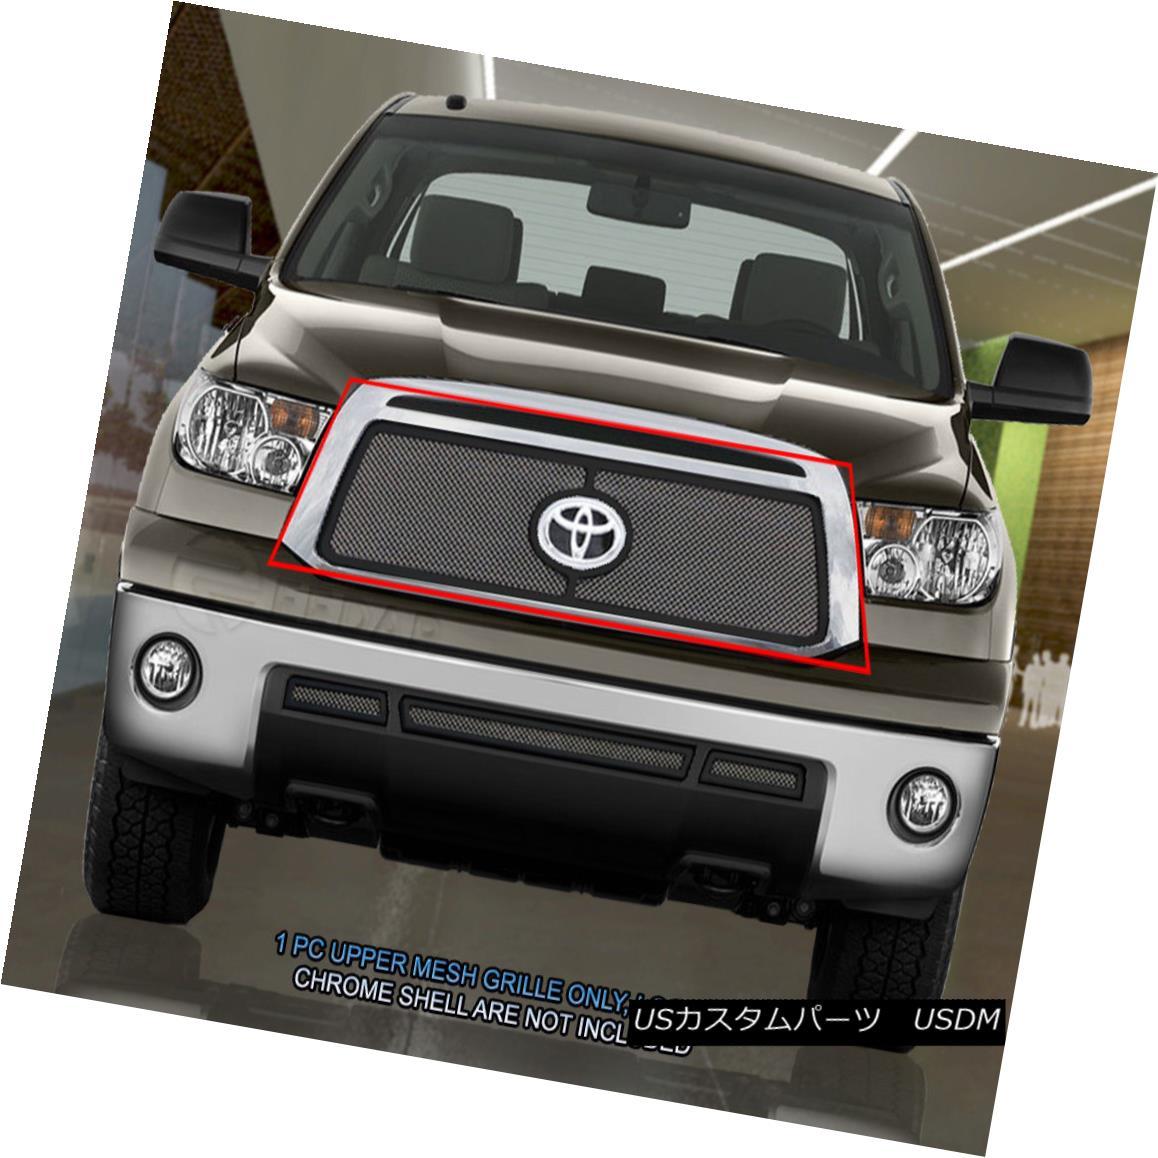 グリル Fedar Fits 2010-2013 Toyota Tundra Chrome/Black Overlay Wire Mesh Grille Insert Fedarフィット2010-2013トヨタトンドラクロム/ブラックオーバーレイワイヤーメッシュグリルインサート